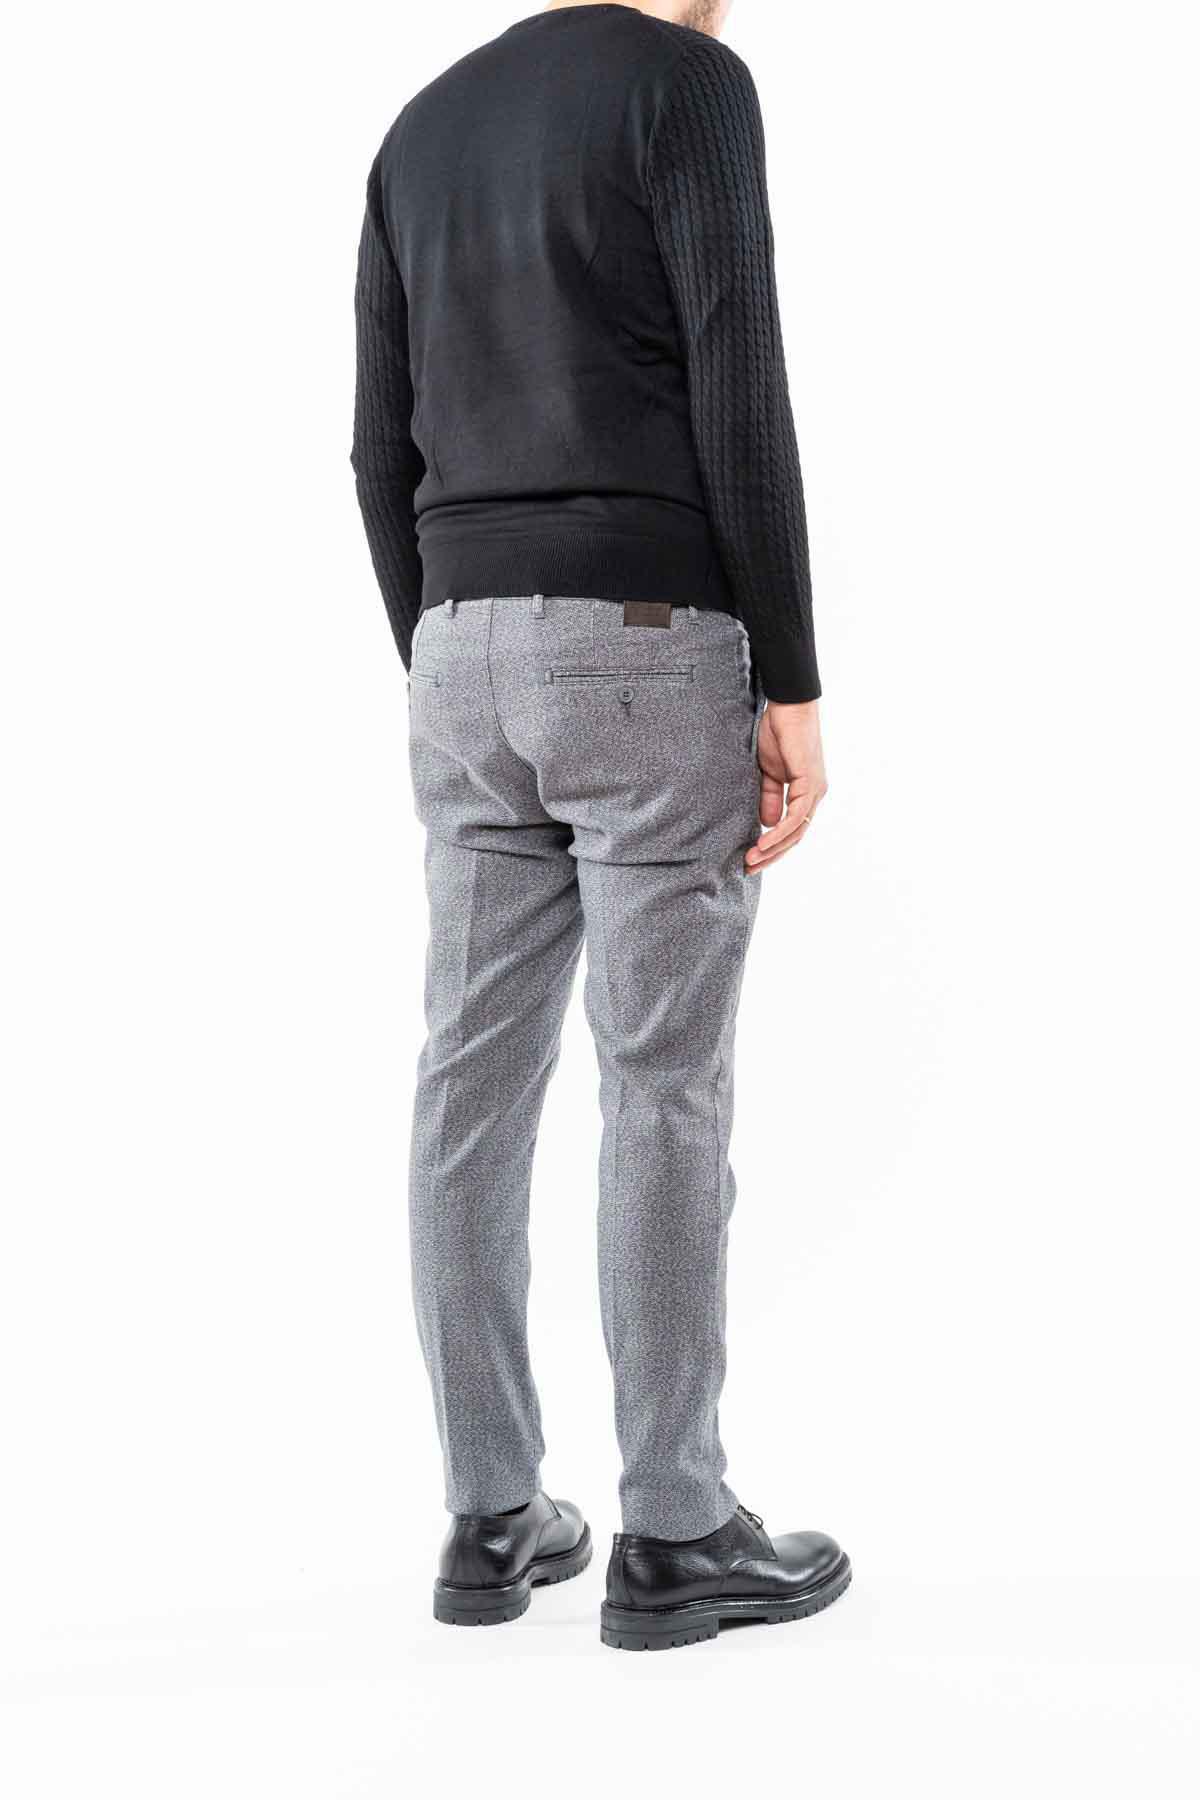 pantalone,grigio